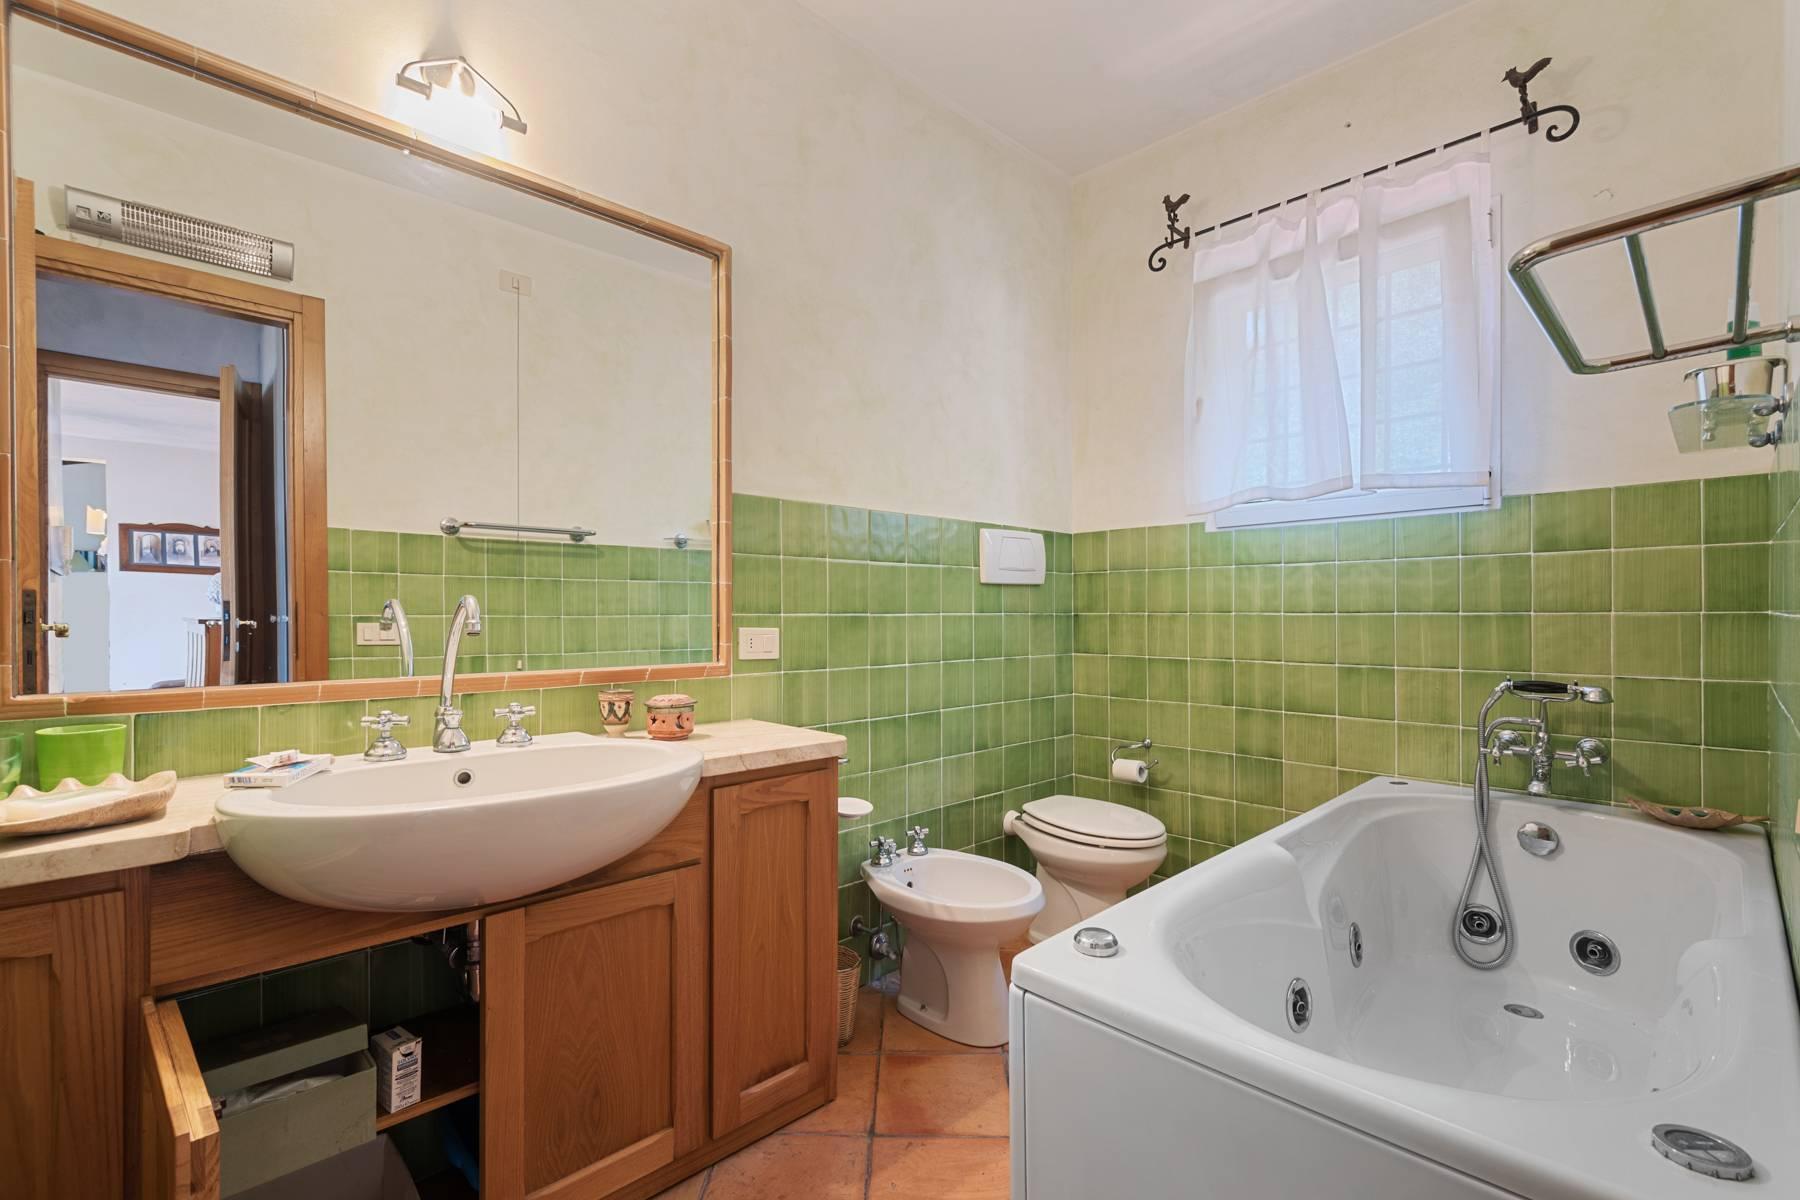 Villa in Vendita a Monte Argentario: 5 locali, 124 mq - Foto 18